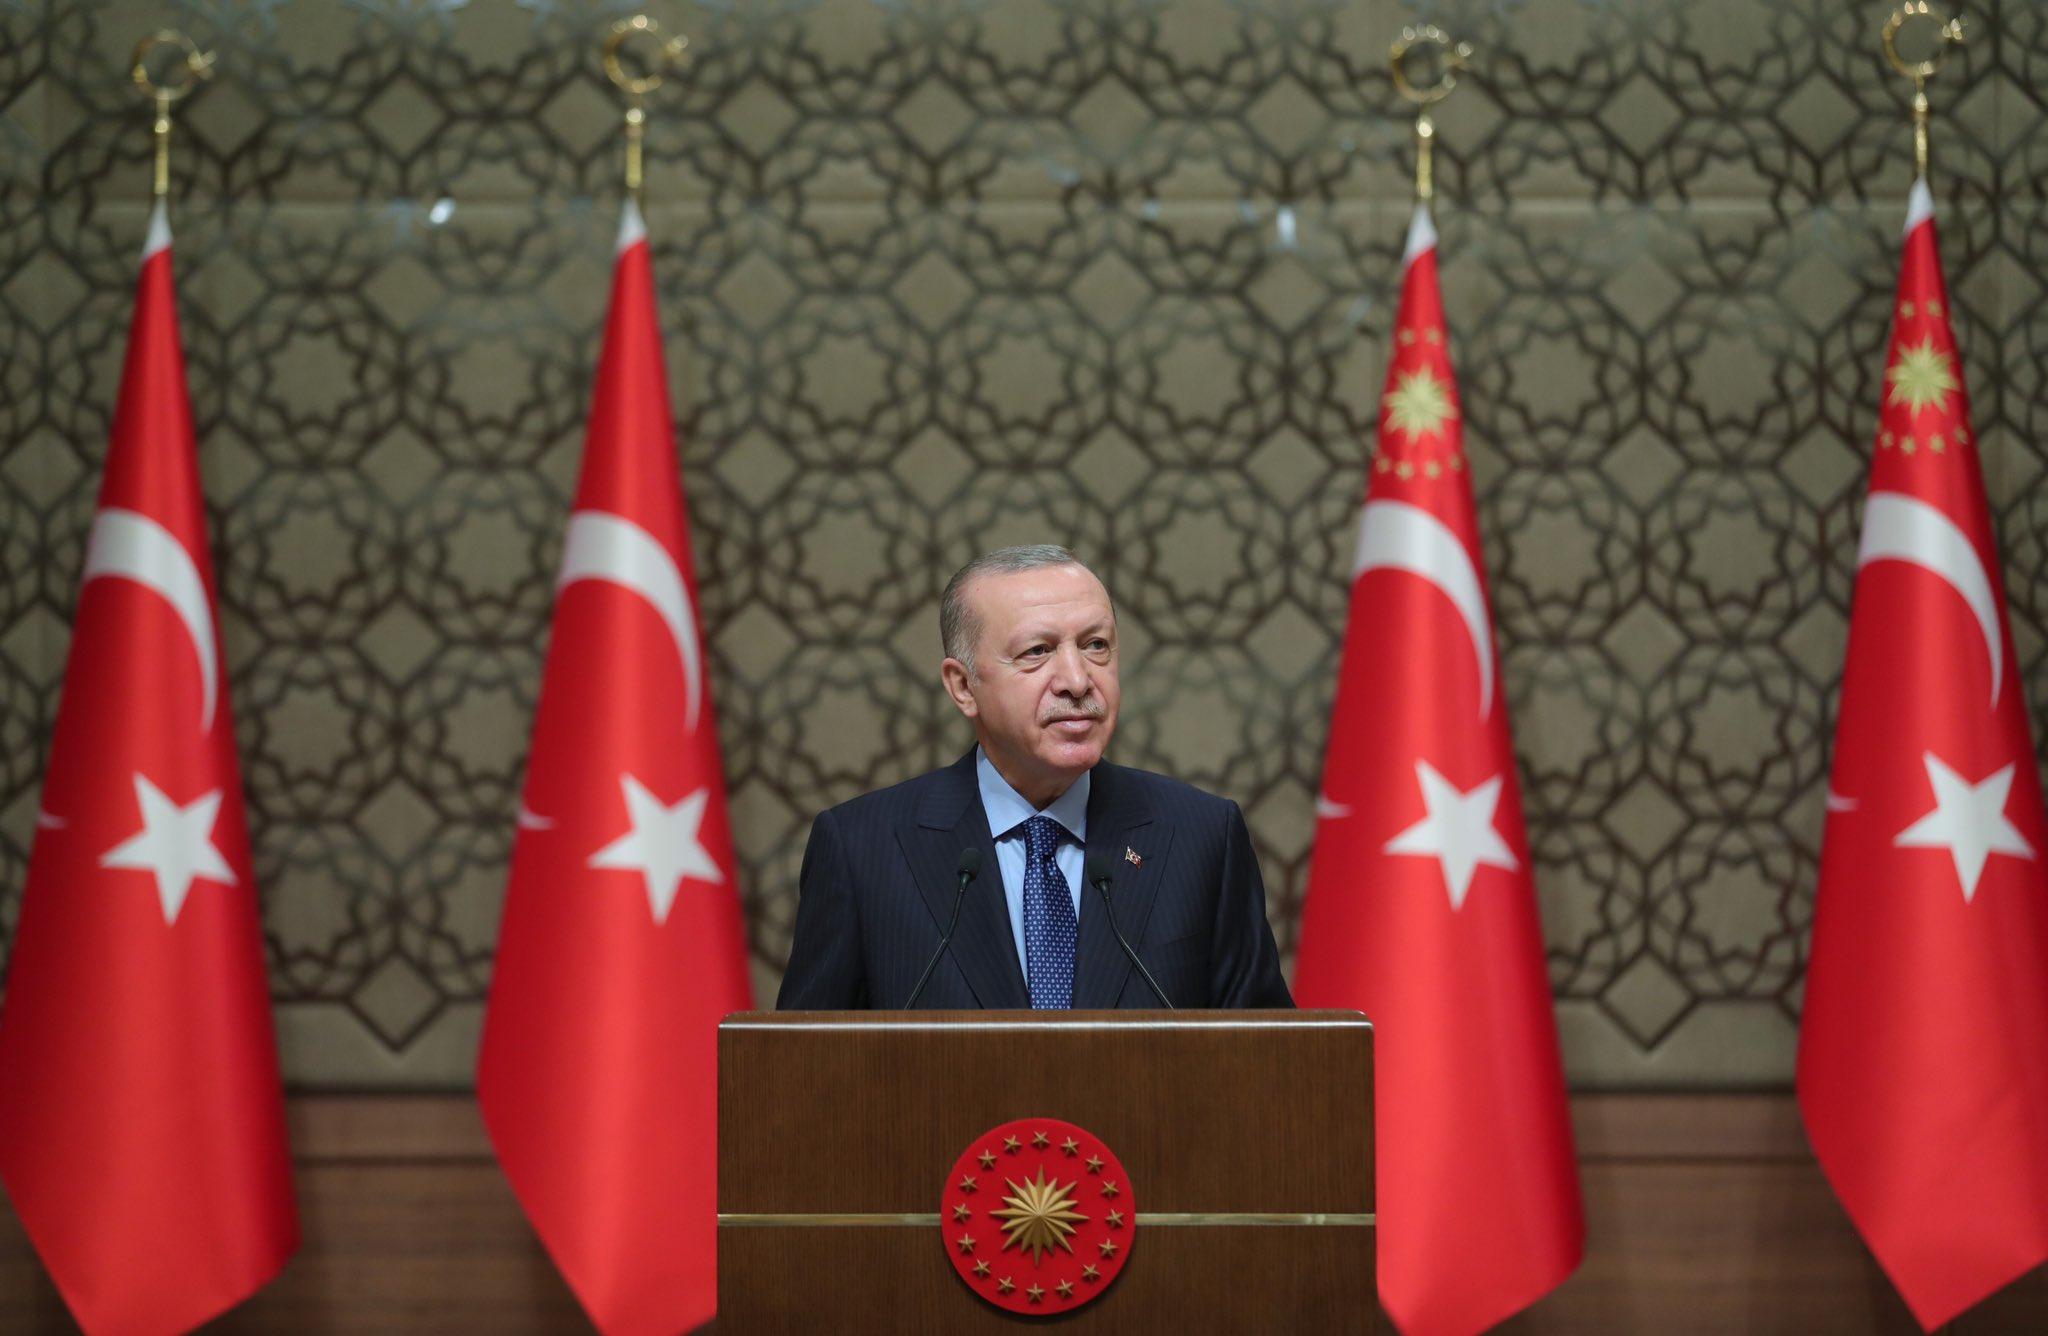 Kulisler karıştıran iddialar: Erdoğan, Ziya Selçuk ve Fahrettin Koca'yı görevden alacak, Berat Albayrak ve Binali Yıldırım geri gelecek